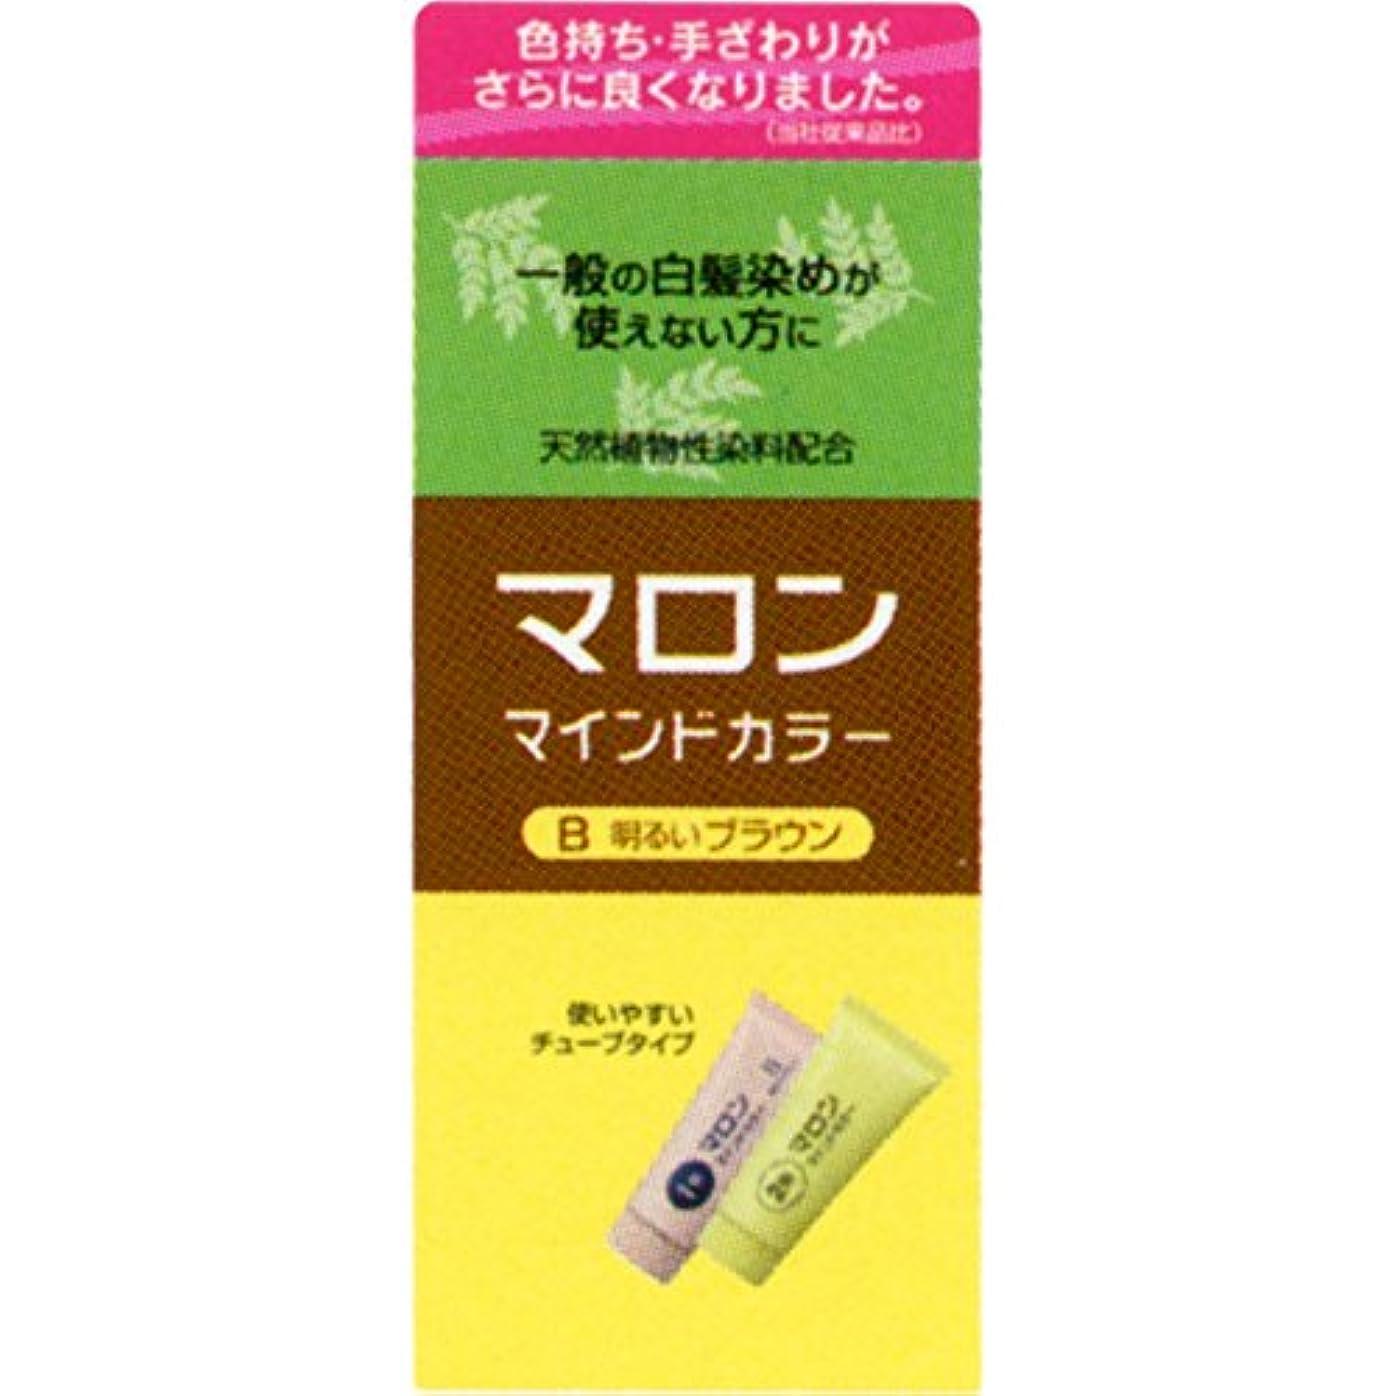 反逆者酸化物感性ヘンケルライオンコスメティックス マロン マインドカラー B 明るいブラウン 70G+70G (医薬部外品)